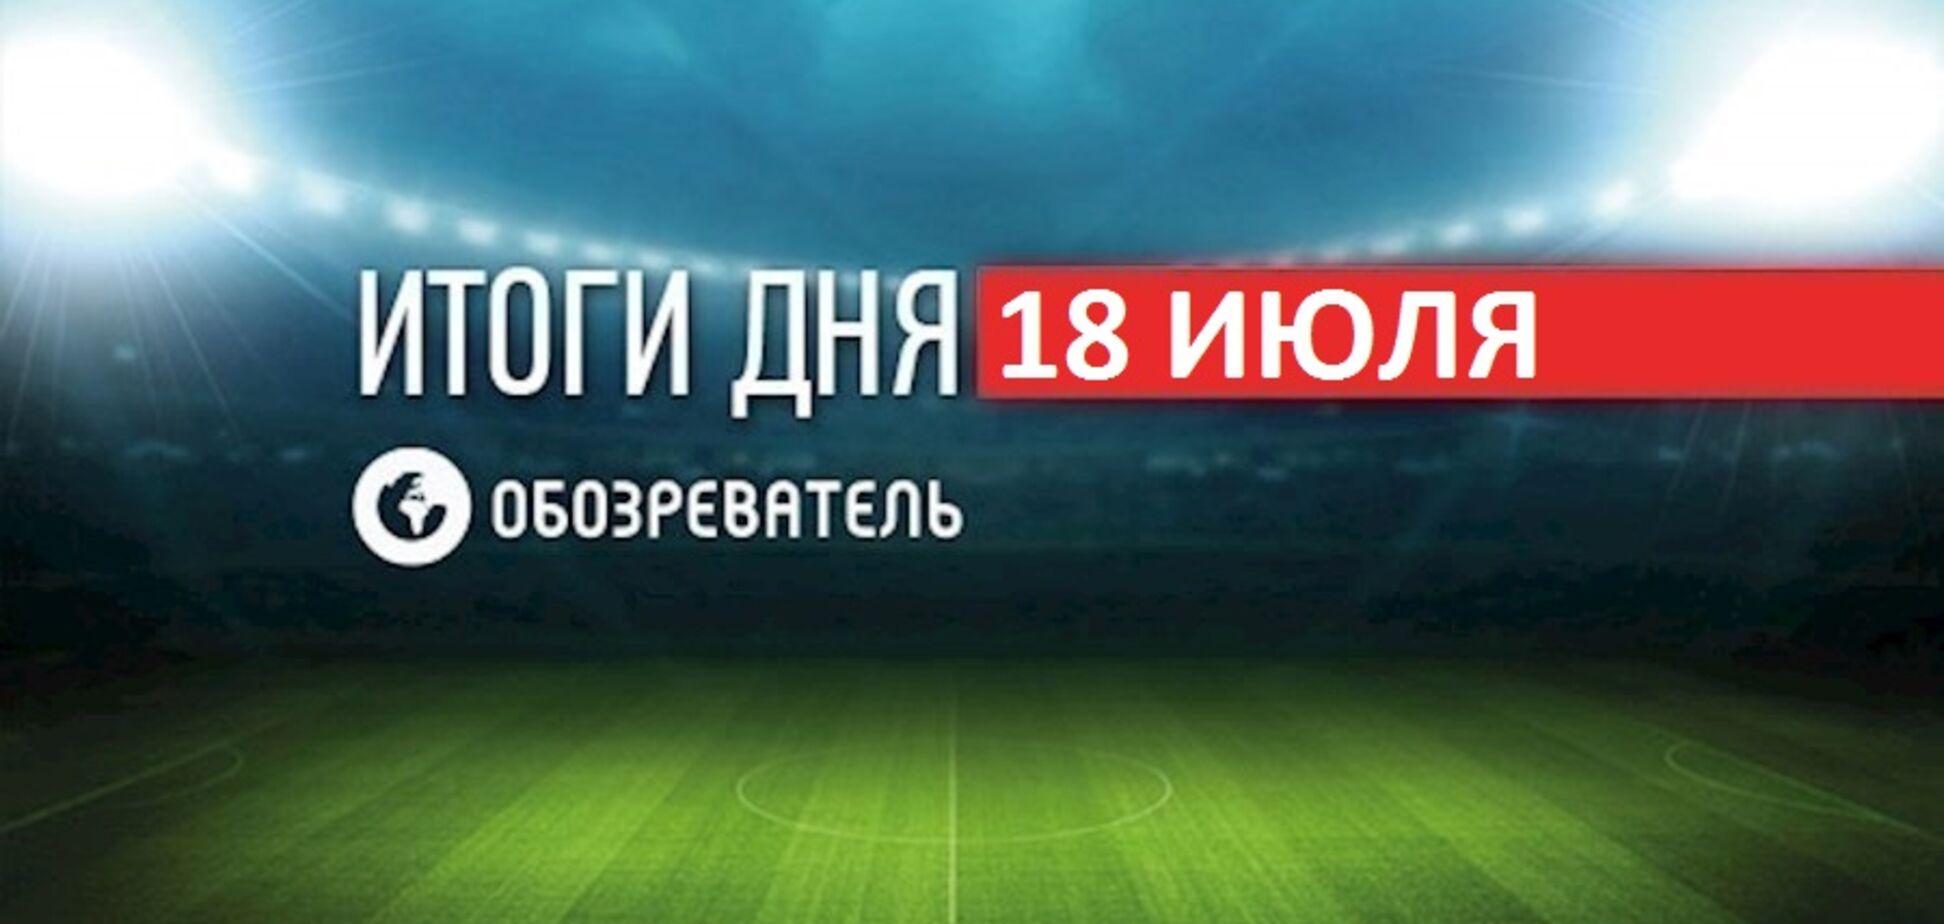 Усик звернувся до українців: спортивні підсумки 18 липня